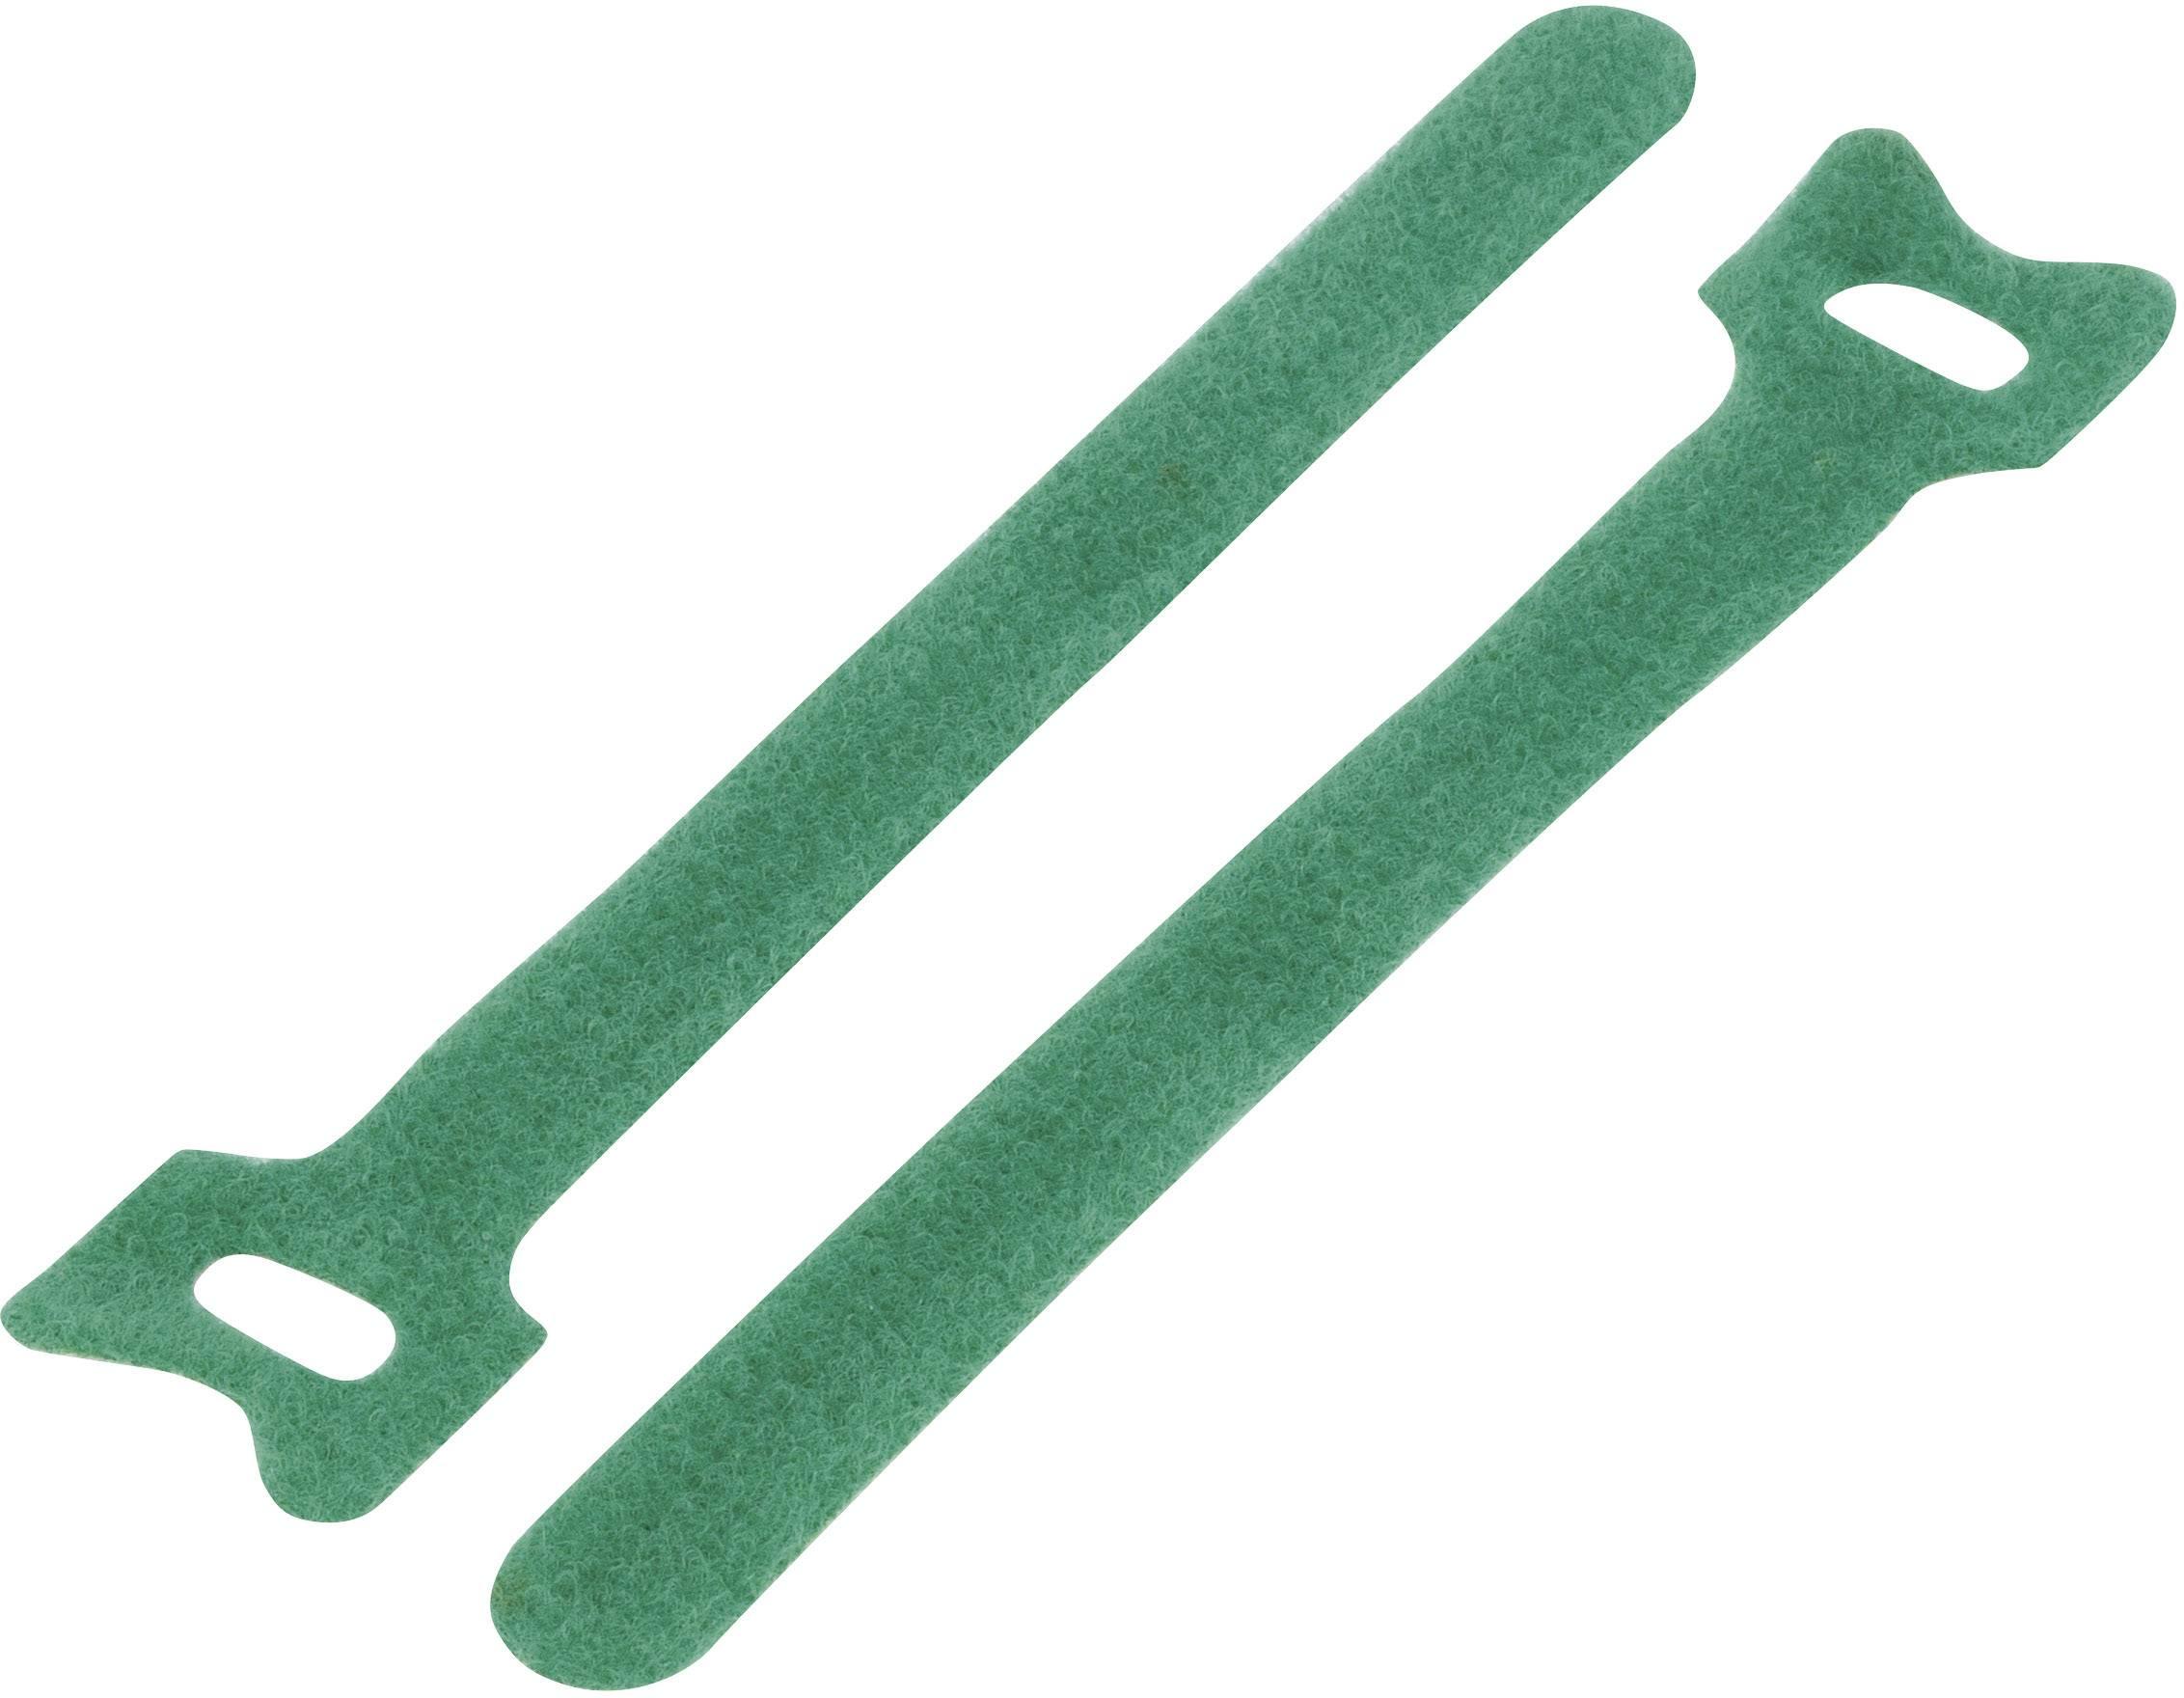 Káblový manažér na suchý zips KSS MGT-240GN, (d x š) 240 mm x 16 mm, zelená, 1 ks